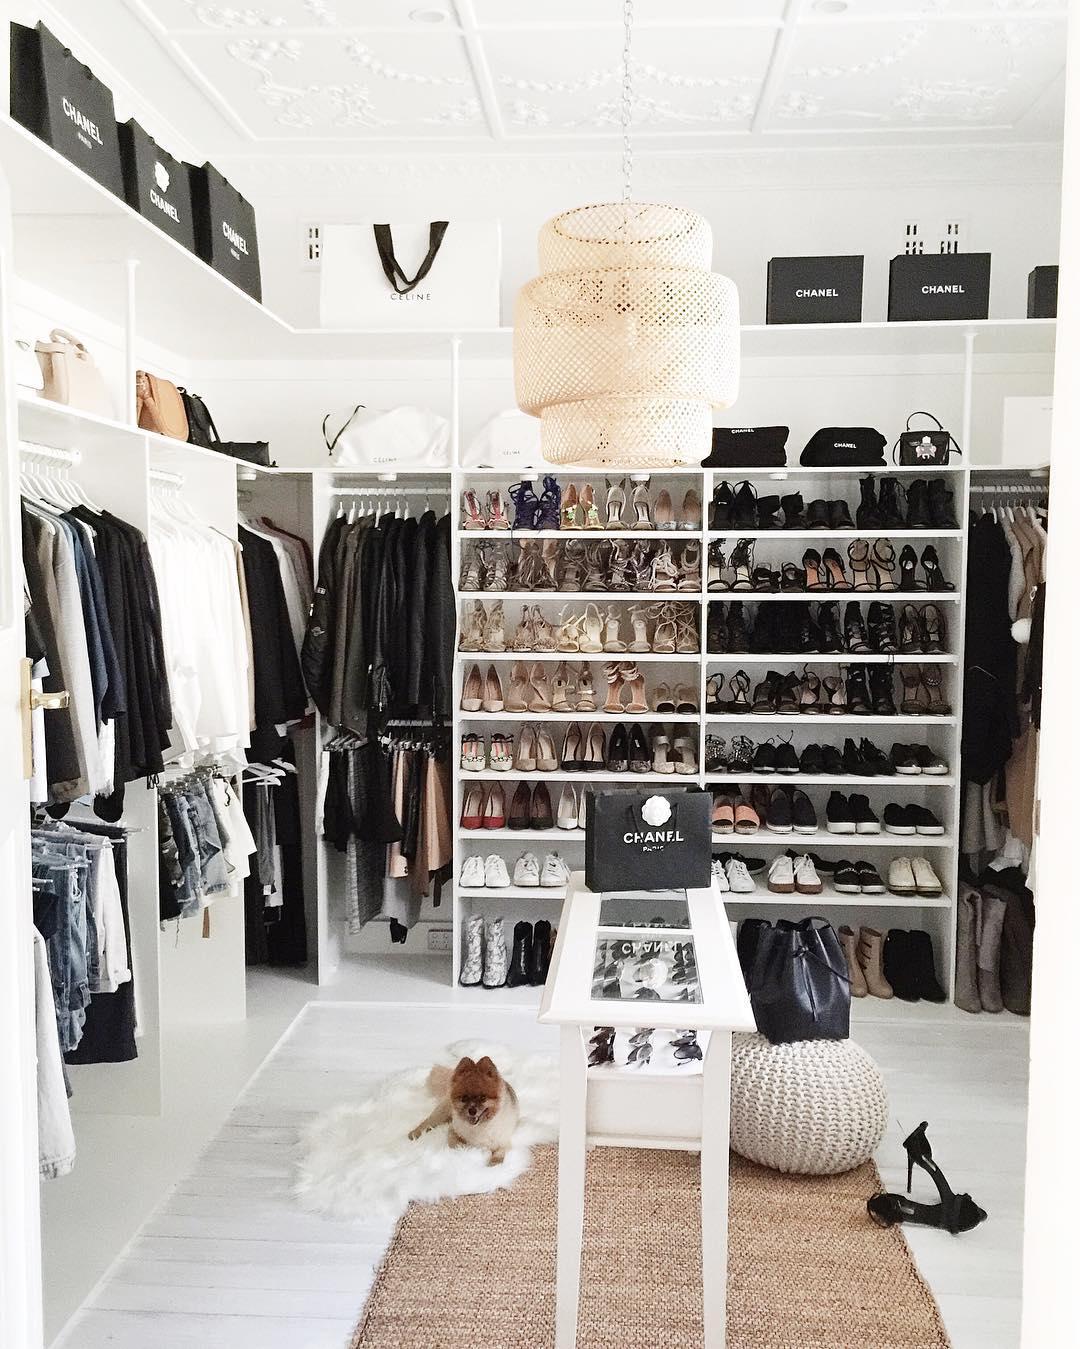 10 trucos para ordenar armarios cambio de ropa - Ordenar armarios ropa ...